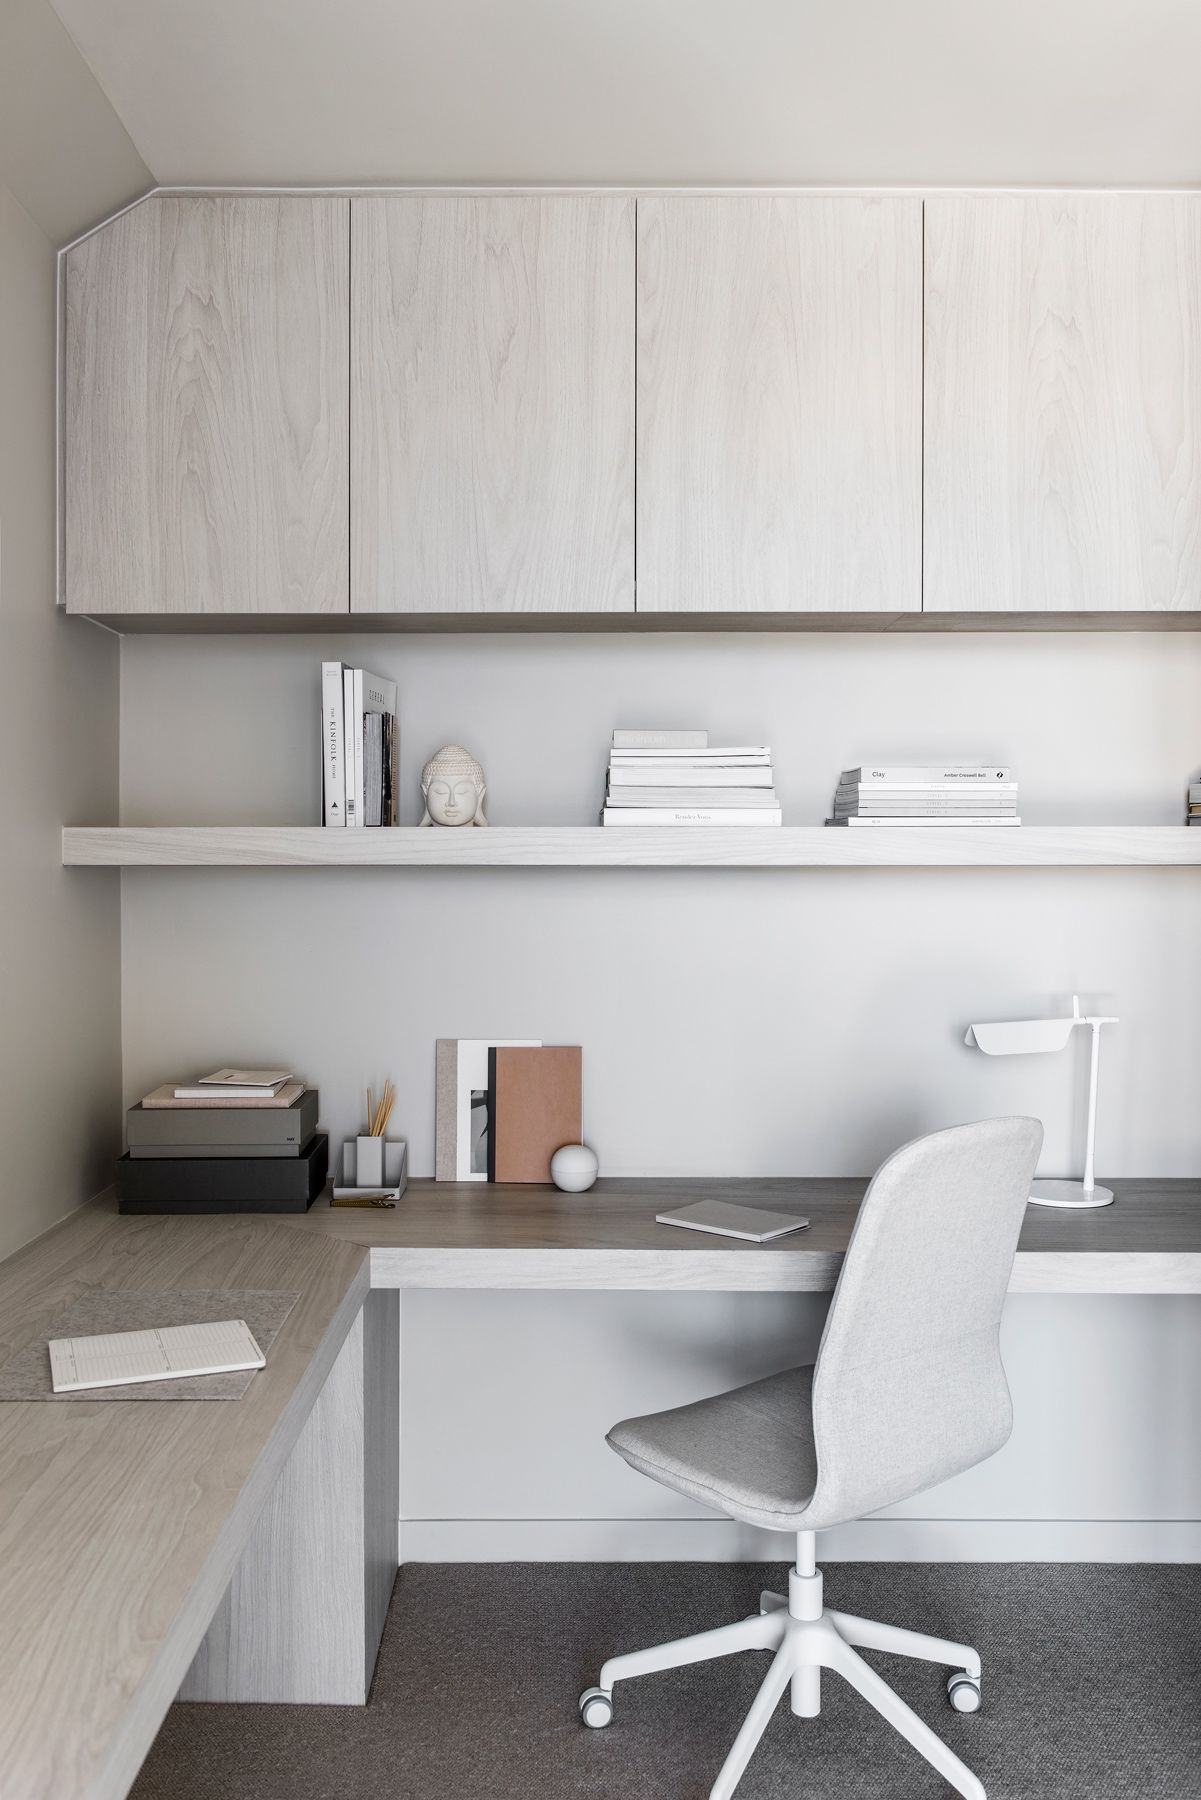 Queensland Penthouse by CJH Studio (Est Living) en 2020